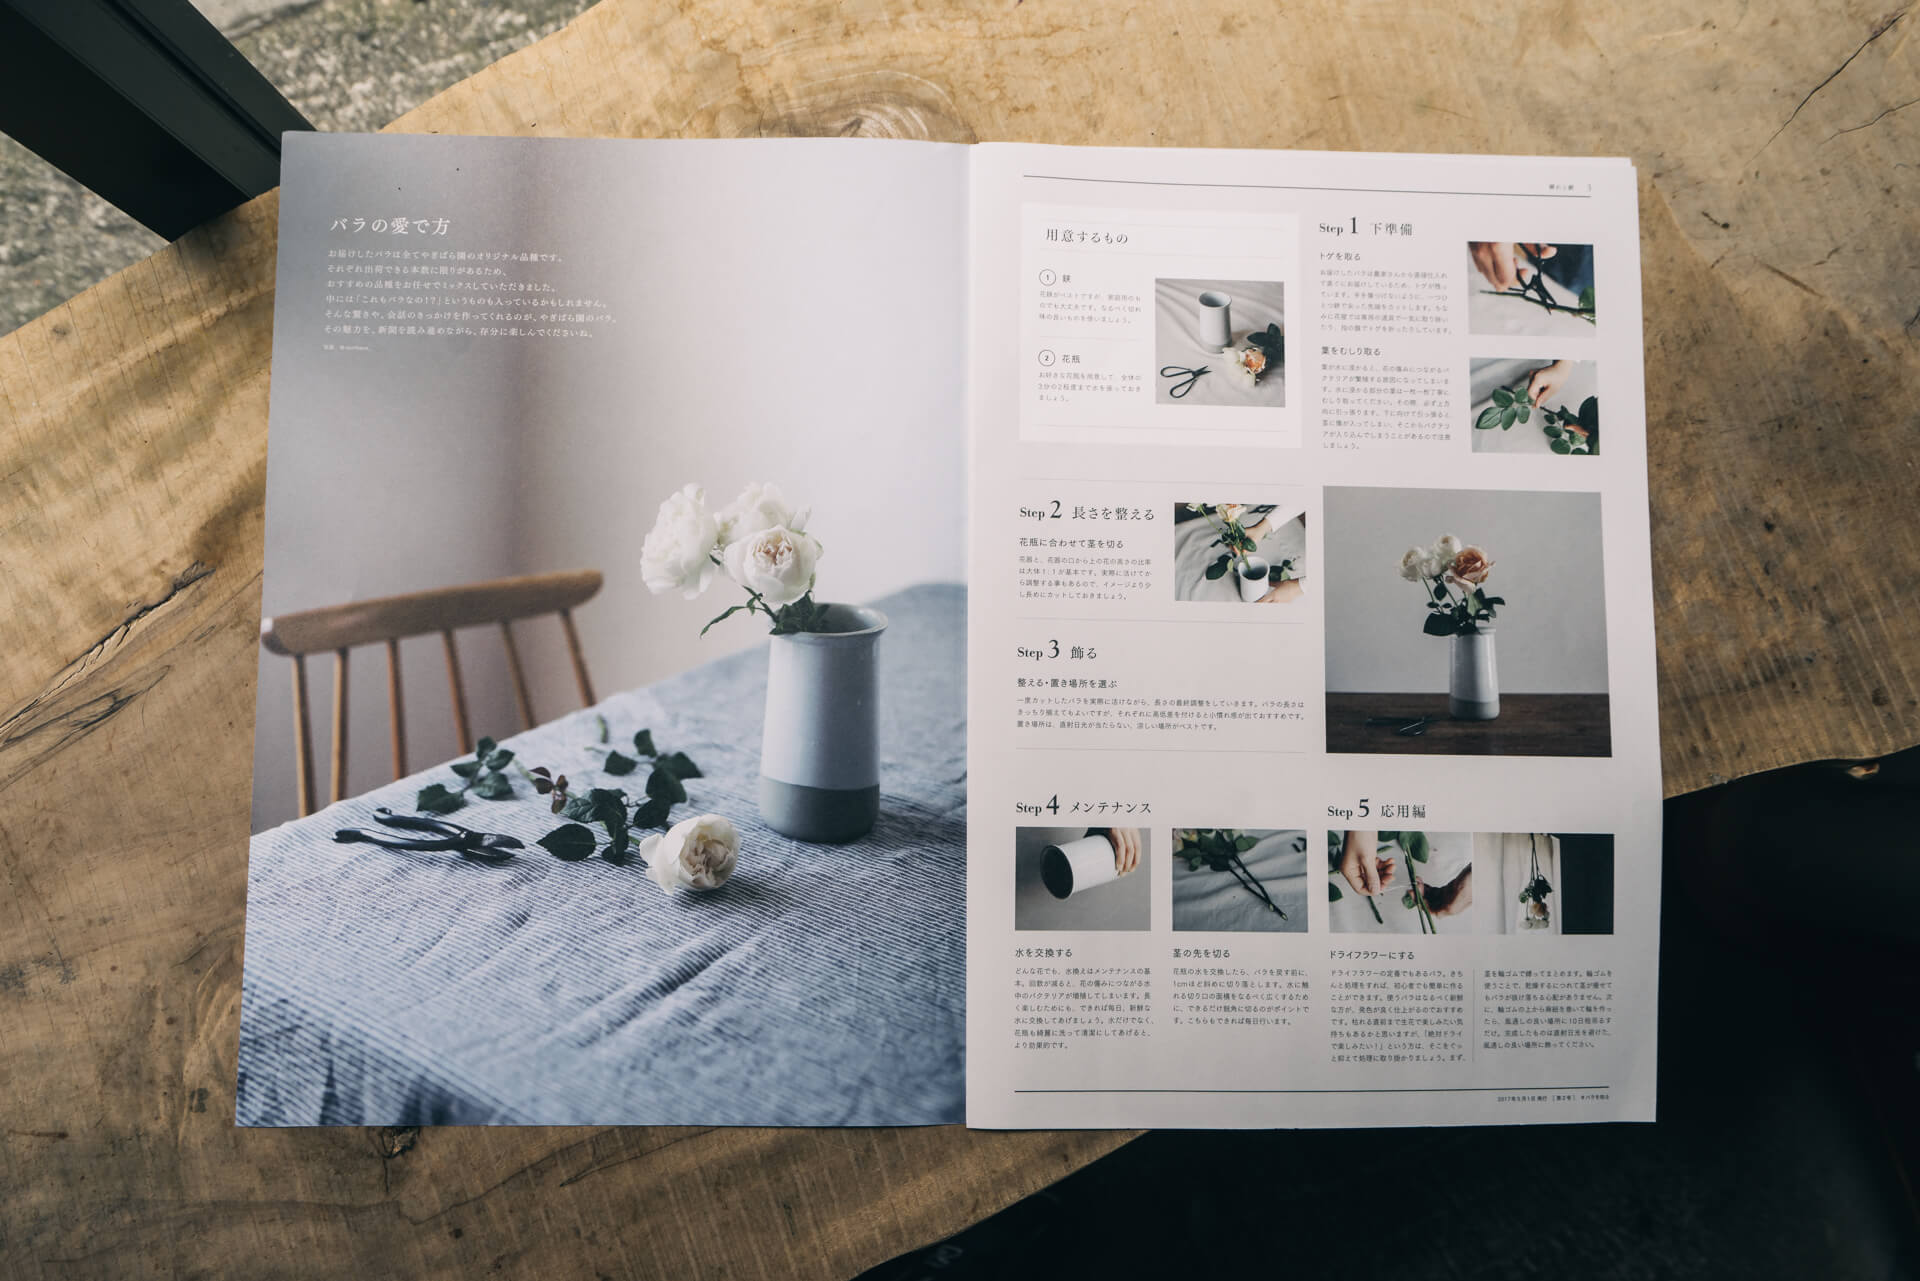 5月号のテーマは「バラを知る」。新聞の中で、綺麗な飾り方から、メンテナンスの方法まで丁寧に教えてもらえます。